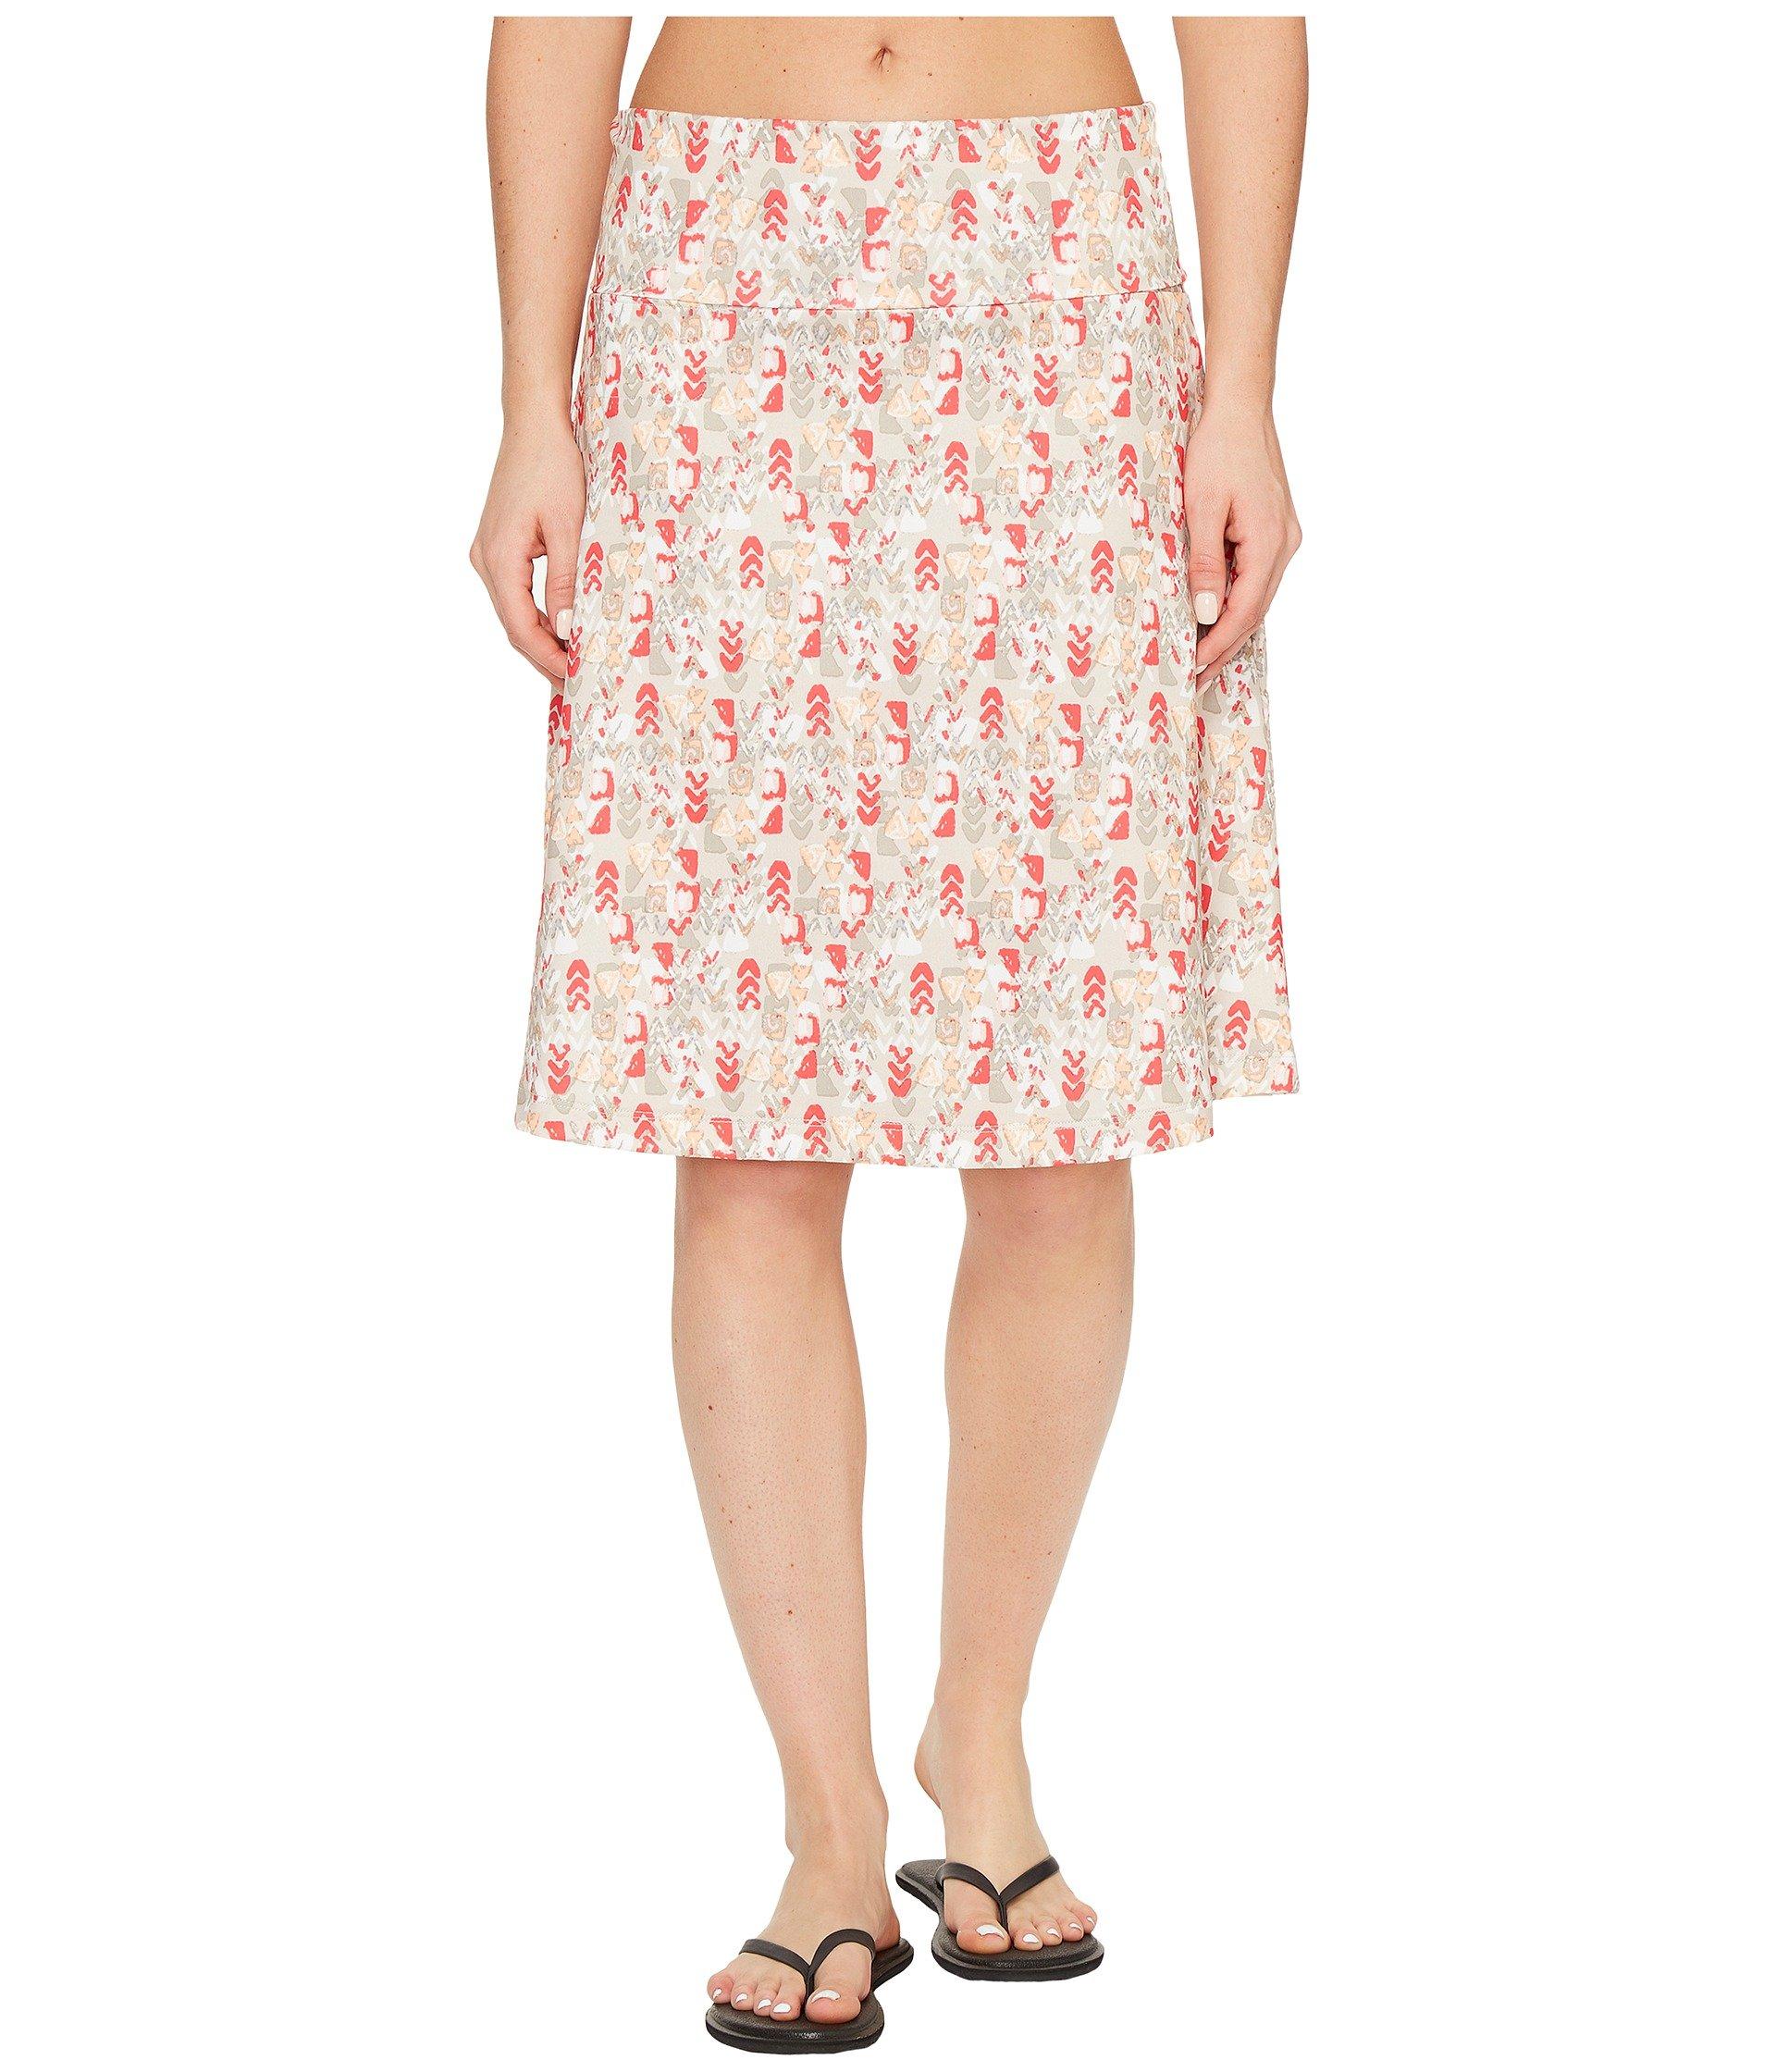 Falda para Mujer Woolrich Rendezvous Printed Skirt  + Woolrich en VeoyCompro.net